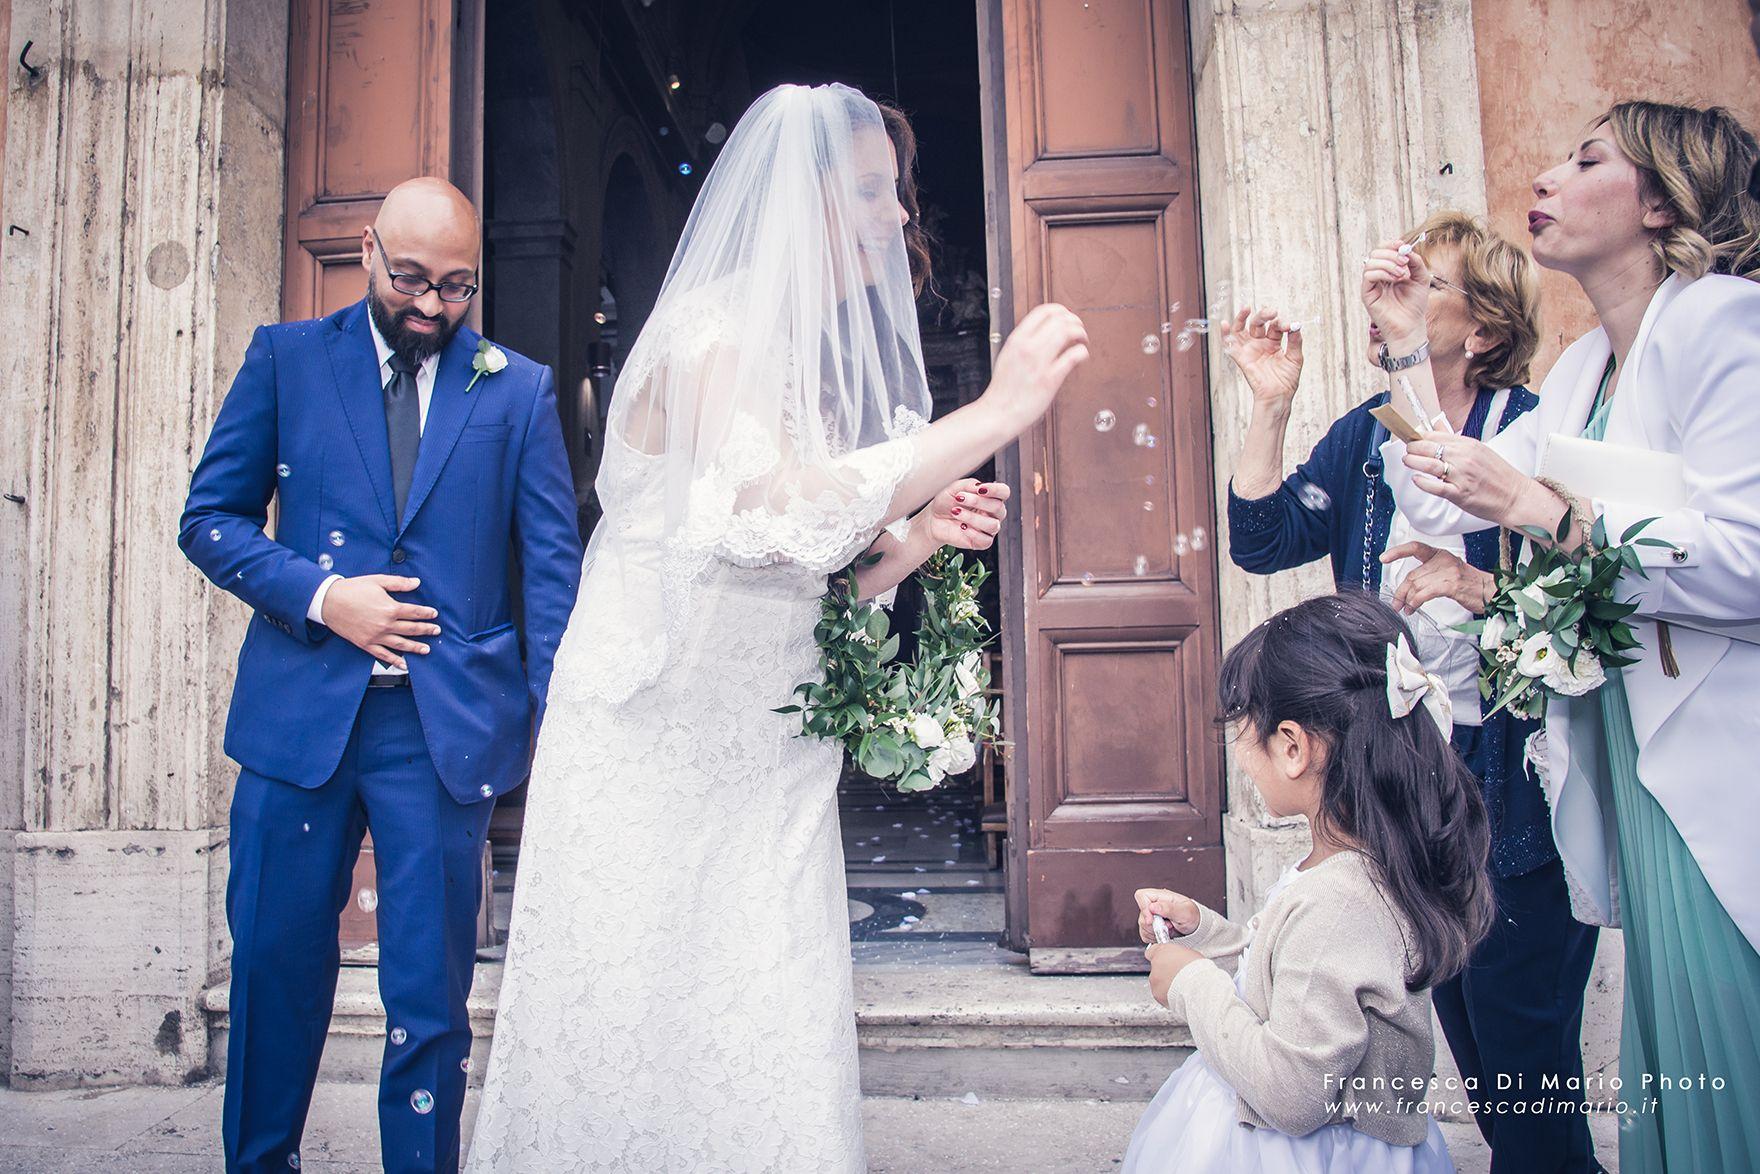 Fotografo Matrimonio Roma Fotografo Matrimonio Fotografia Di Matrimonio